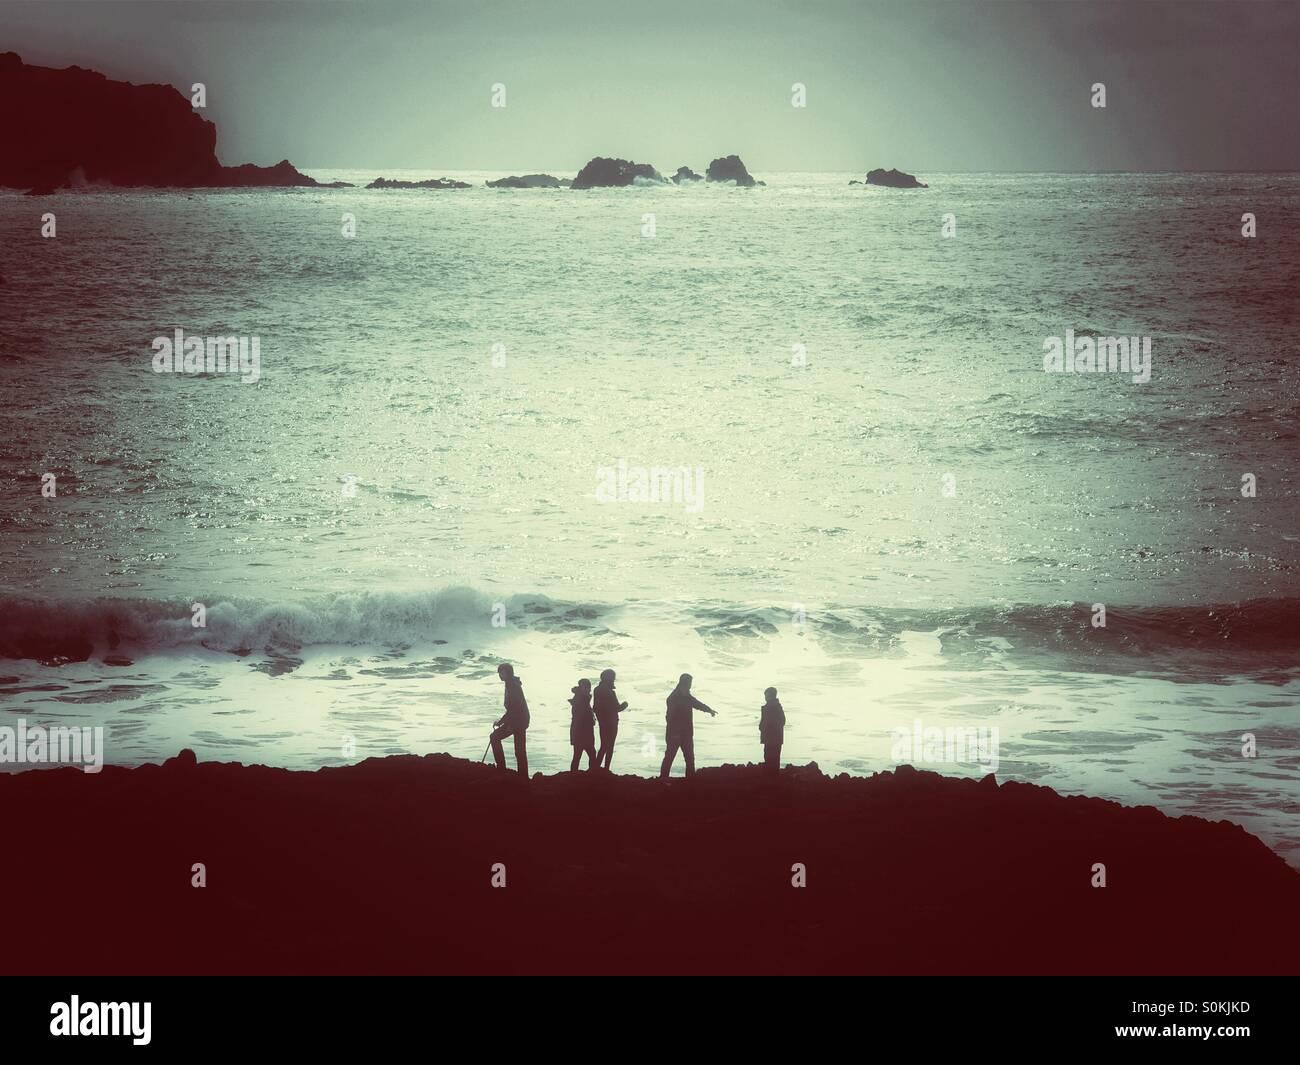 Fünf Personen gegen einen Ozean mit rollenden Wellen. Stockbild